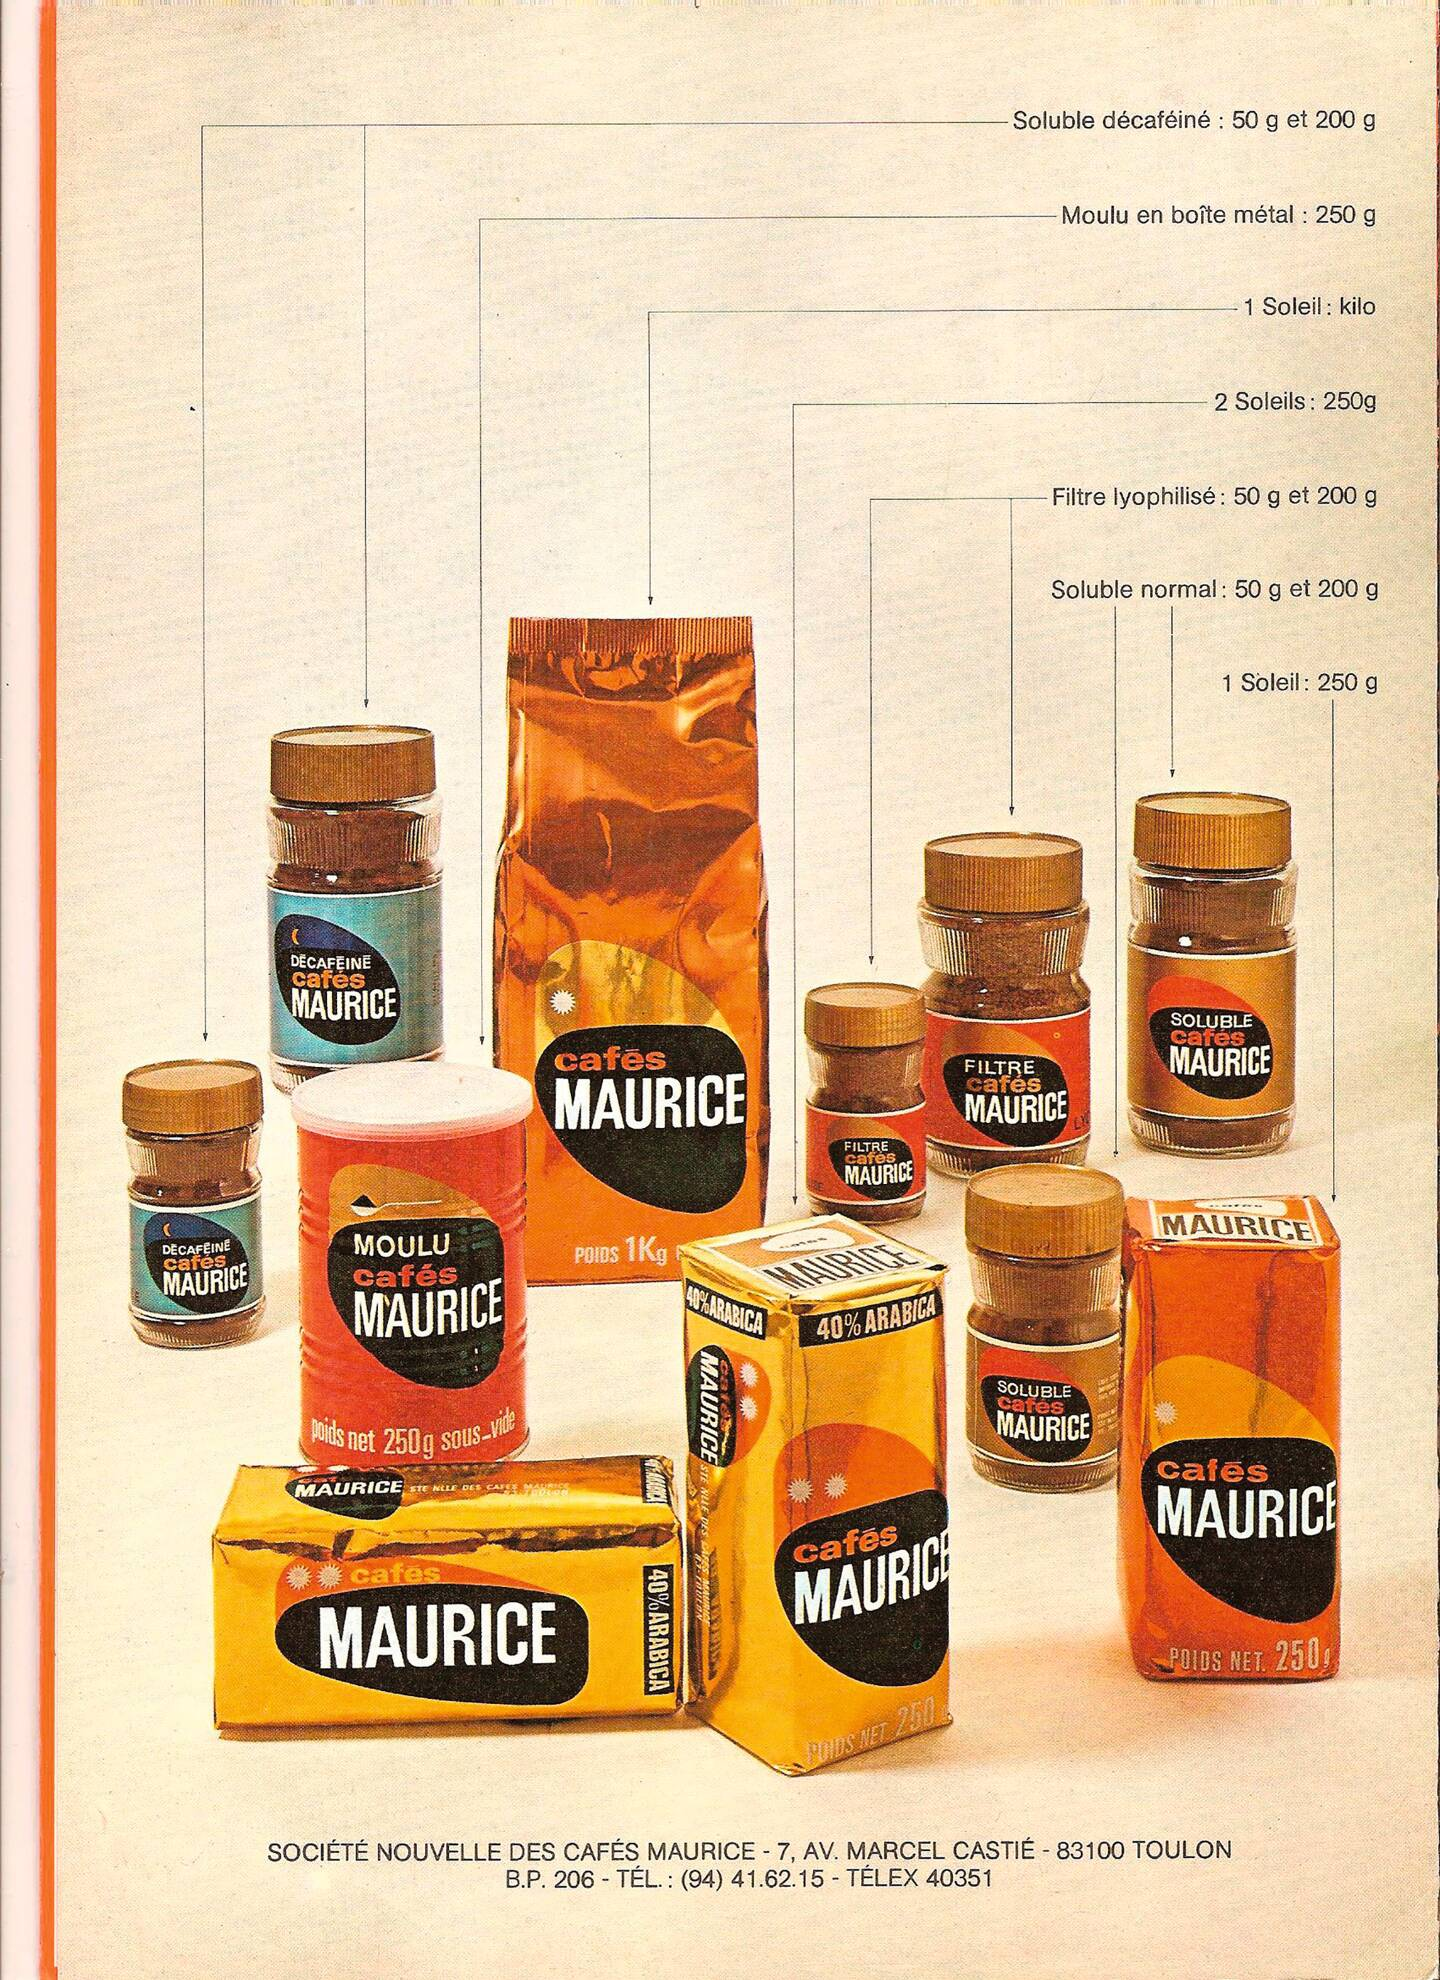 Moulu, soluble, sous vide: les Cafés Maurice étaient incontournables sur le marché.